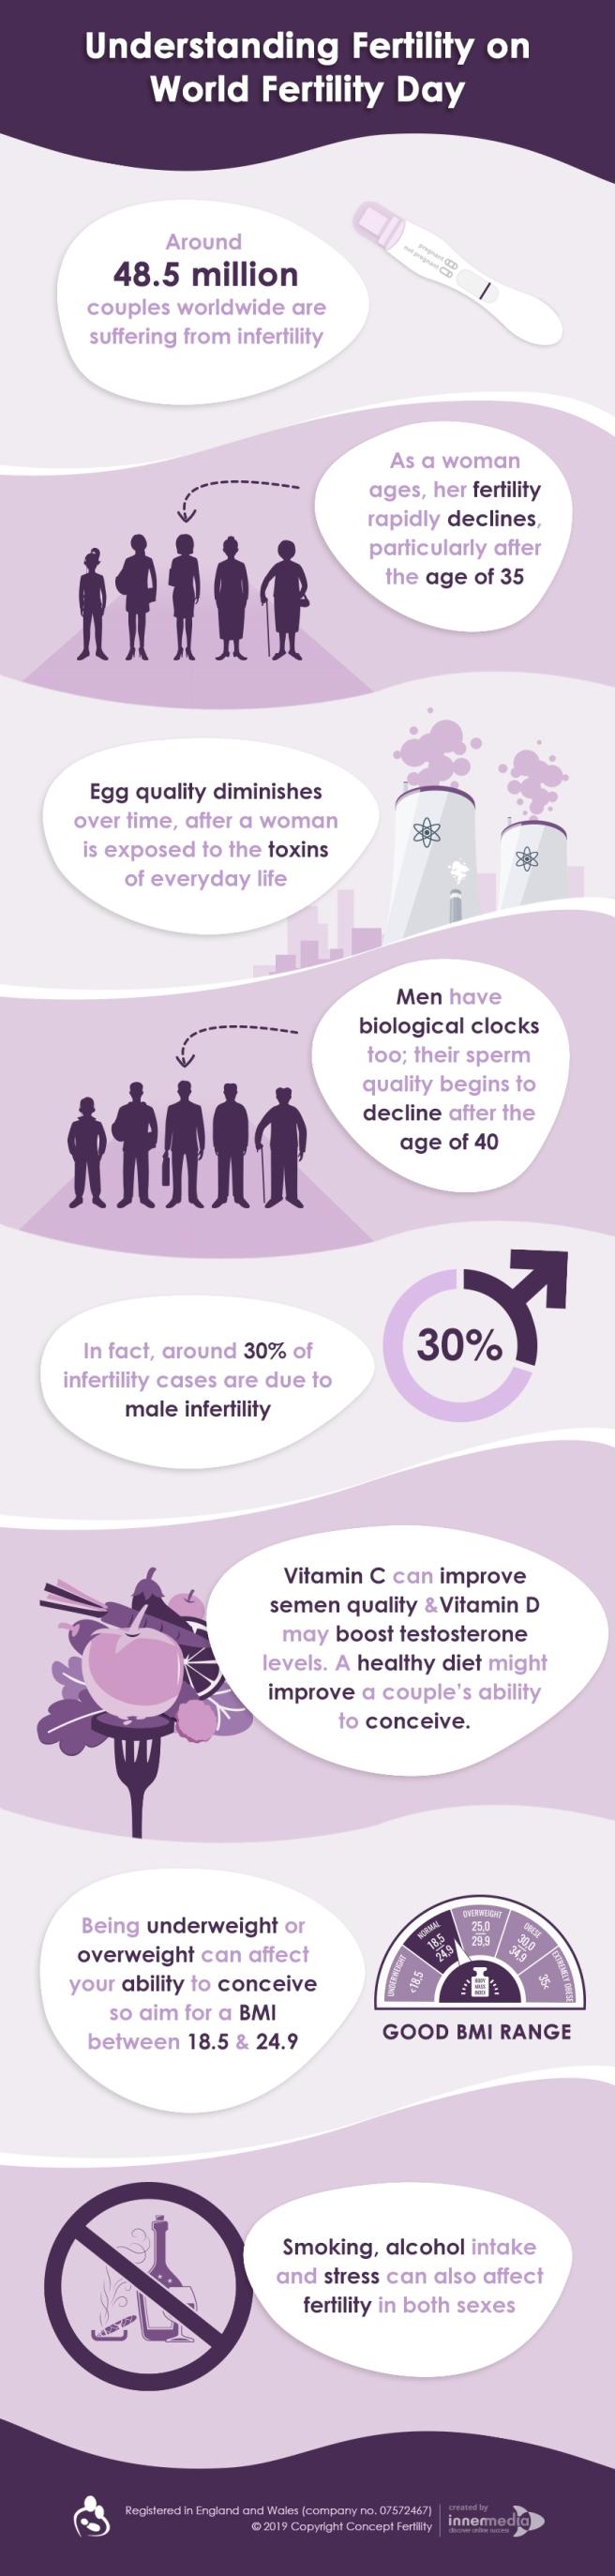 Fertility_infographic_Oct_V1.jpg